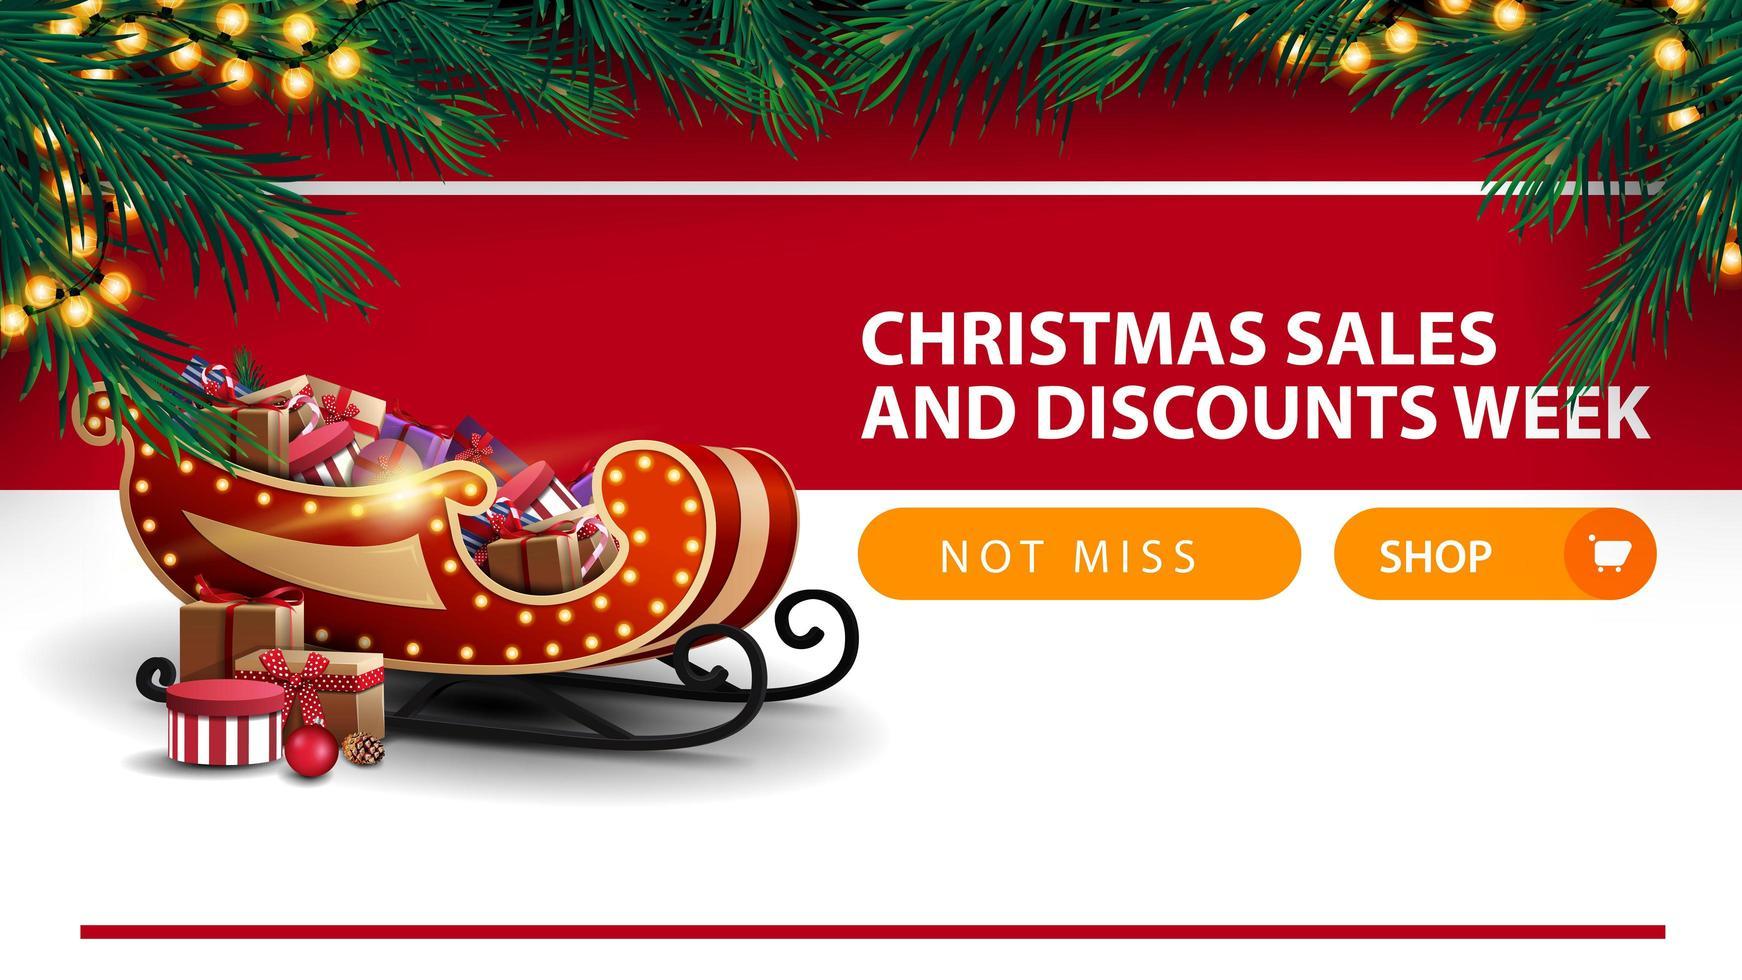 Weihnachtsverkauf und Rabattwoche, weißes und rotes Rabattbanner mit Knopf, Rahmen des Weihnachtsbaumes, Girlande, Querstreifen und Weihnachtsschlitten mit Geschenken vektor